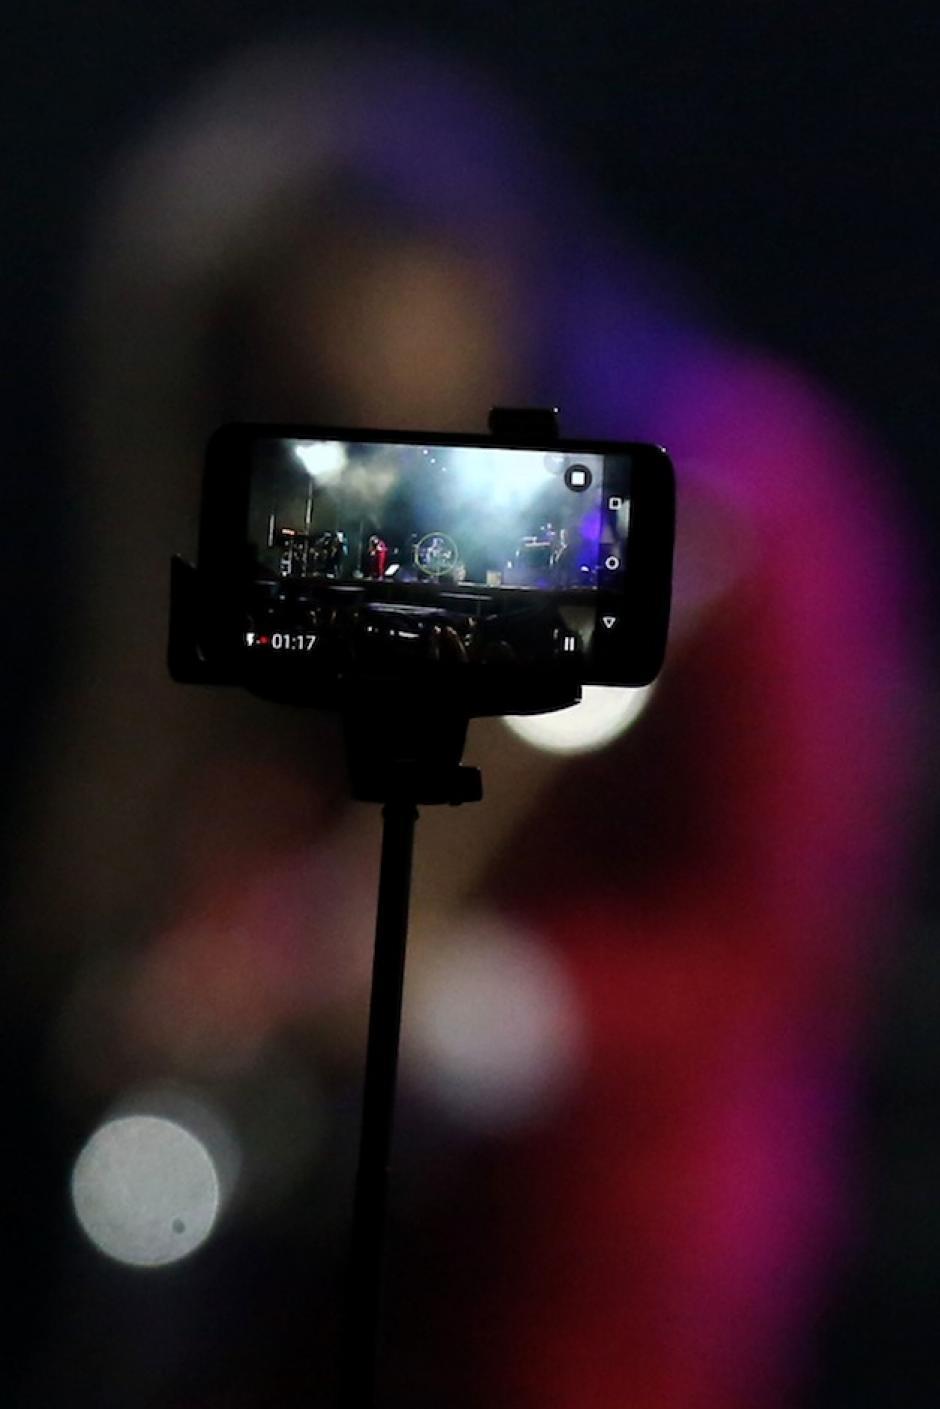 Fanáticos usaron la tecnología para grabar el momento. (Foto: Esteban Biba/EFE)